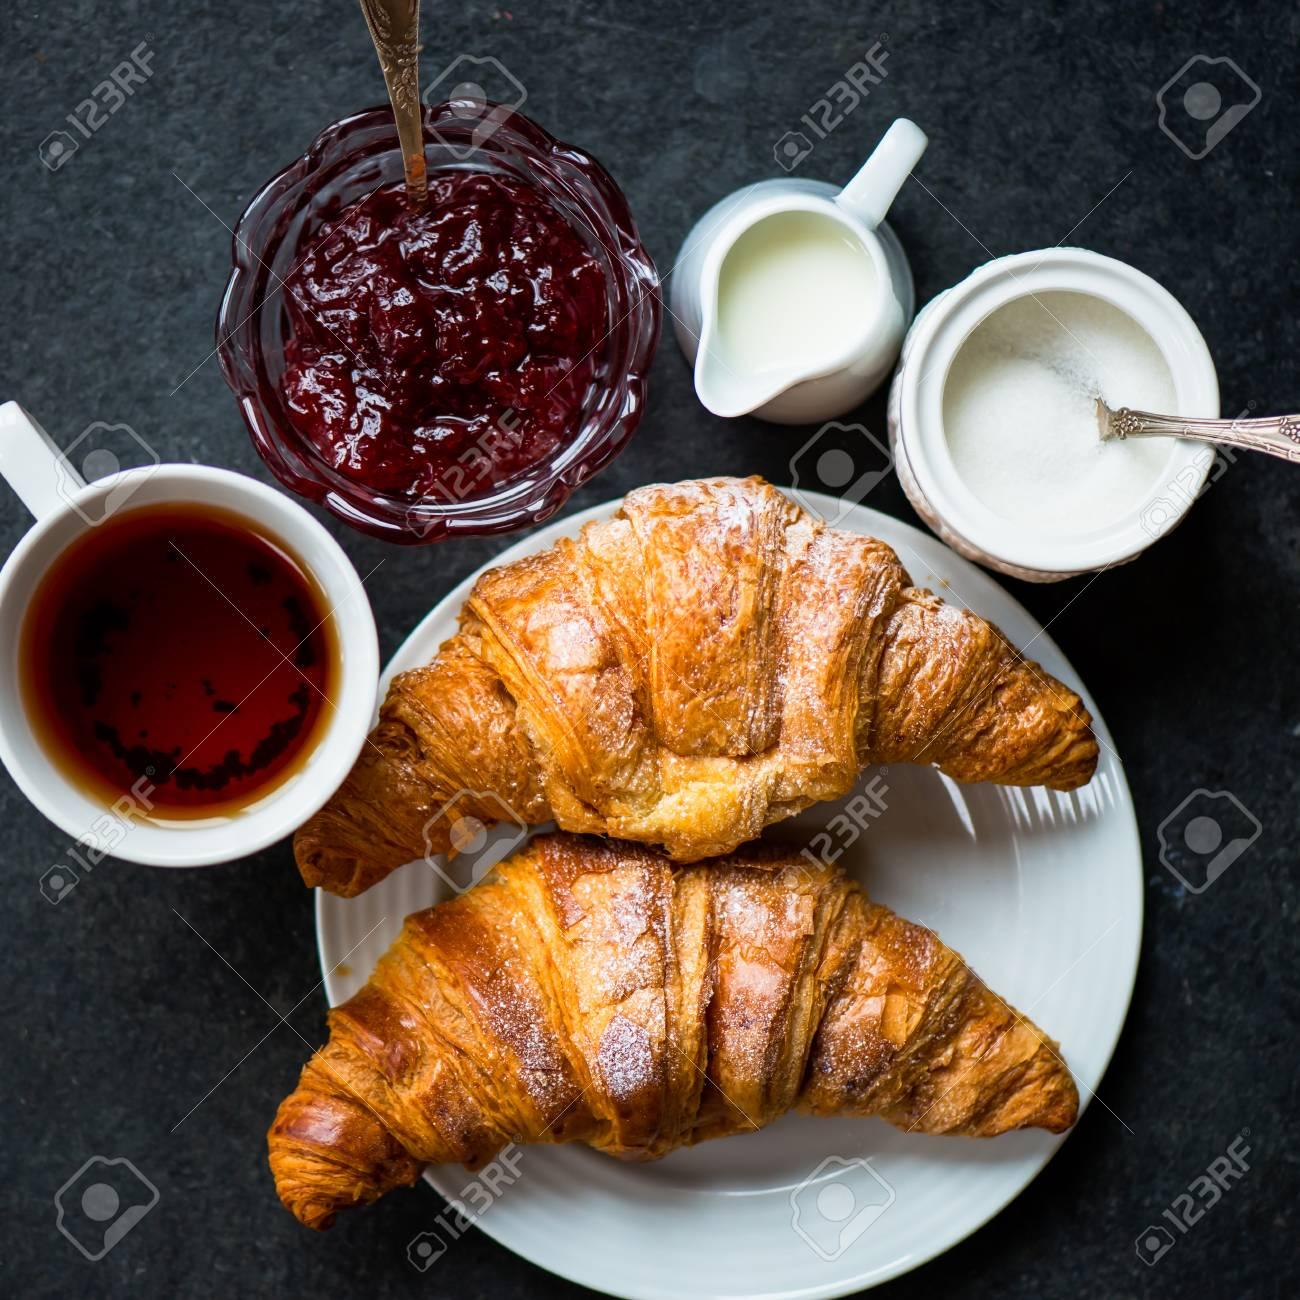 https://previews.123rf.com/images/manuta/manuta1511/manuta151100023/47921583-deux-croissants-frais-avec-gla%C3%A7age-tasse-de-th%C3%A9-lait-sucre-et-confiture-de-fraises-sont-pr%C3%AAts-pour-le-peti.jpg